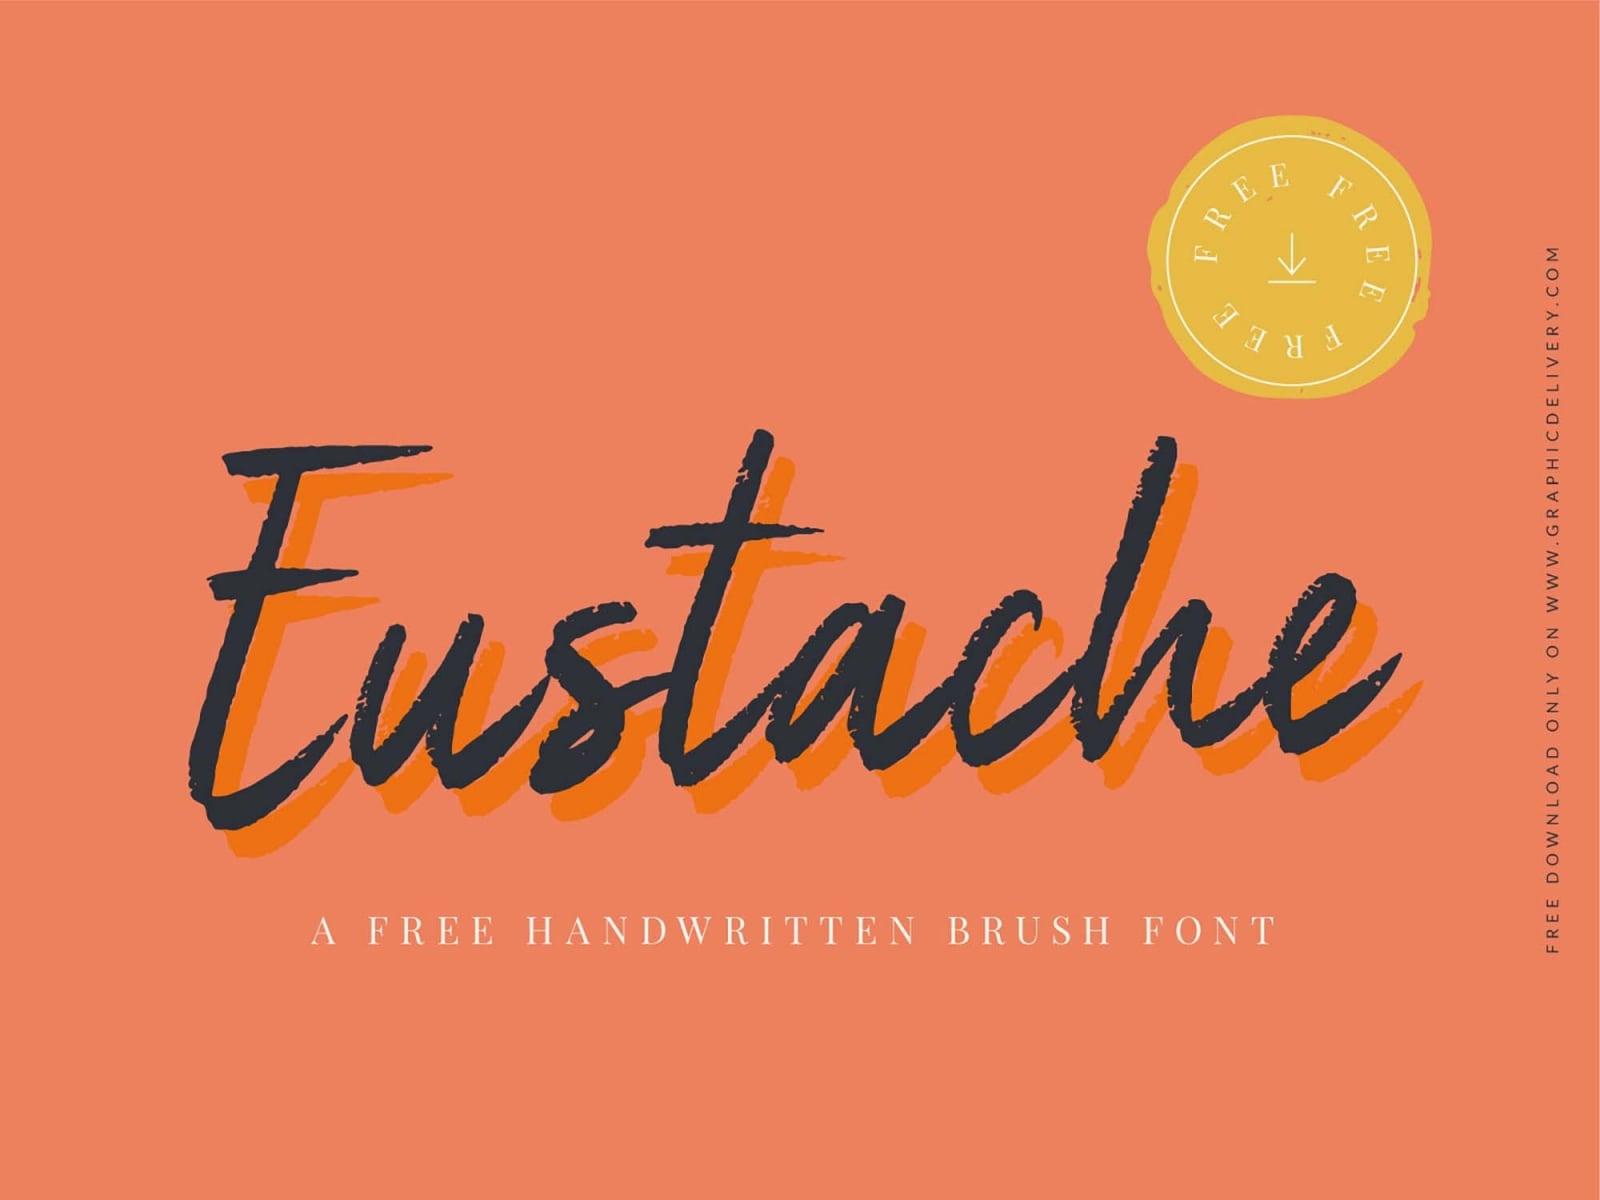 Eustache-Font.jpg